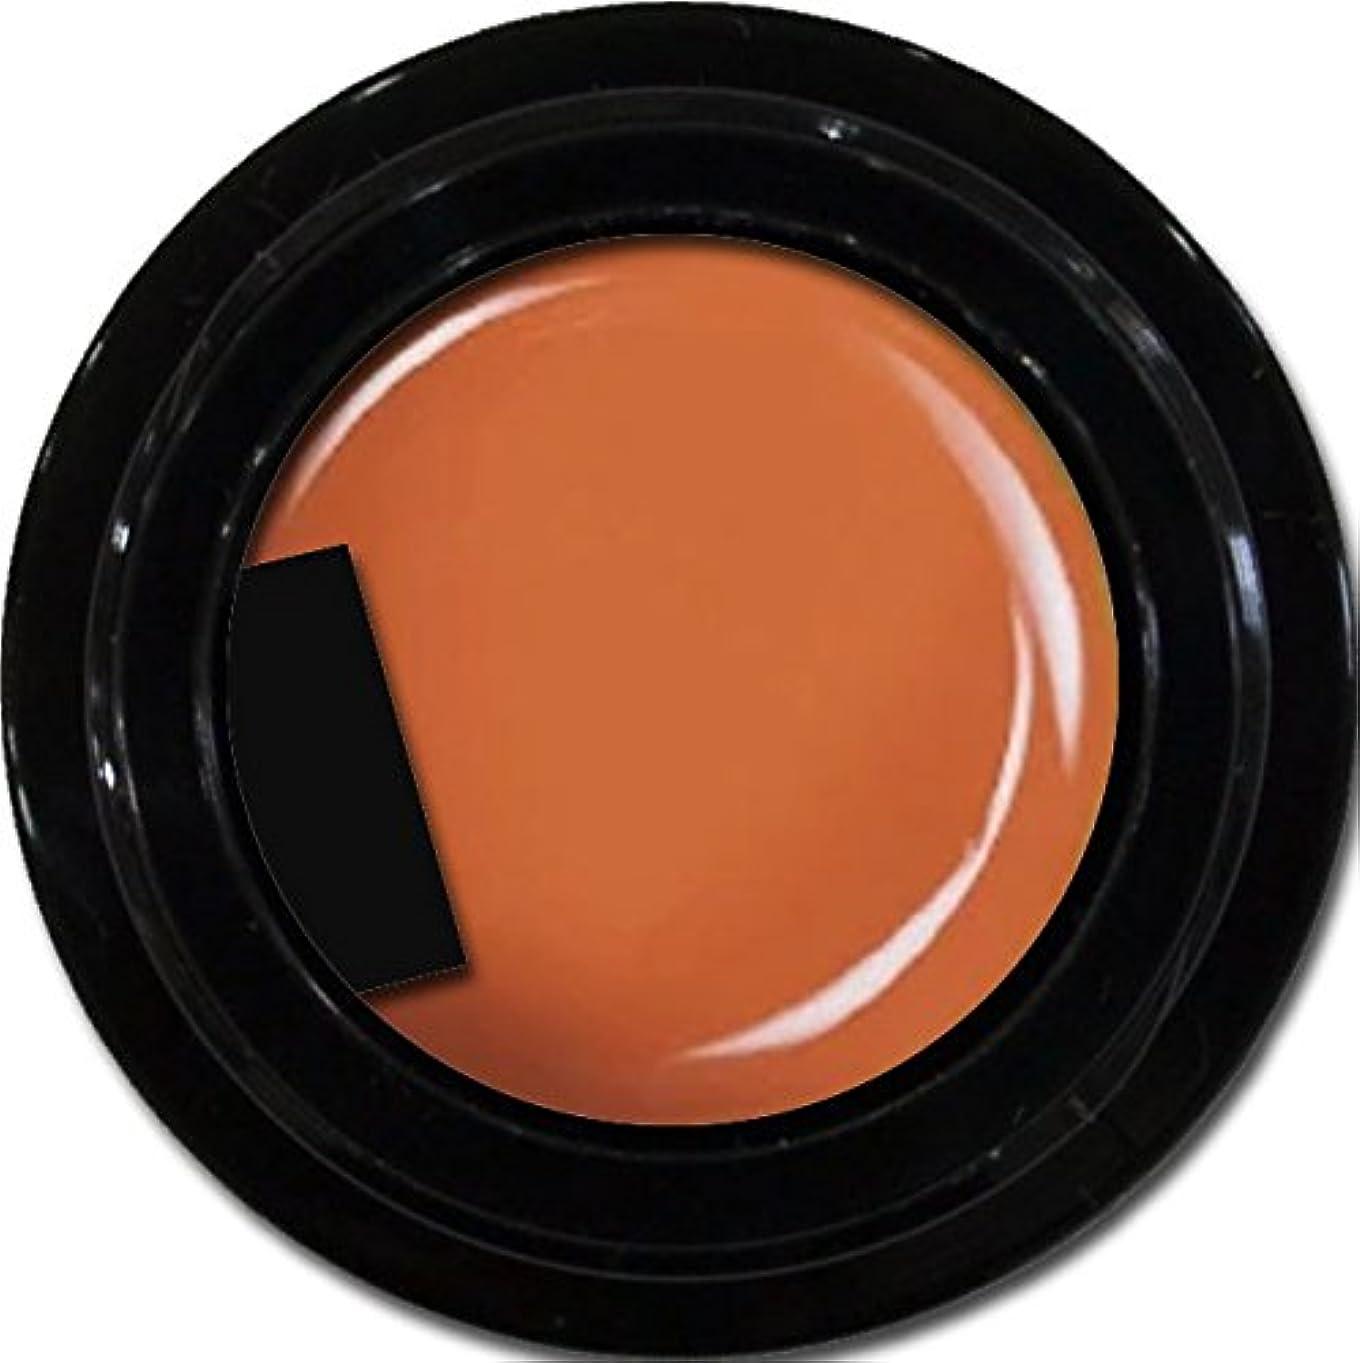 カラージェル enchant color gel M303 Halloween 3g/ マットカラージェル M303 ハロウィーン 3グラム